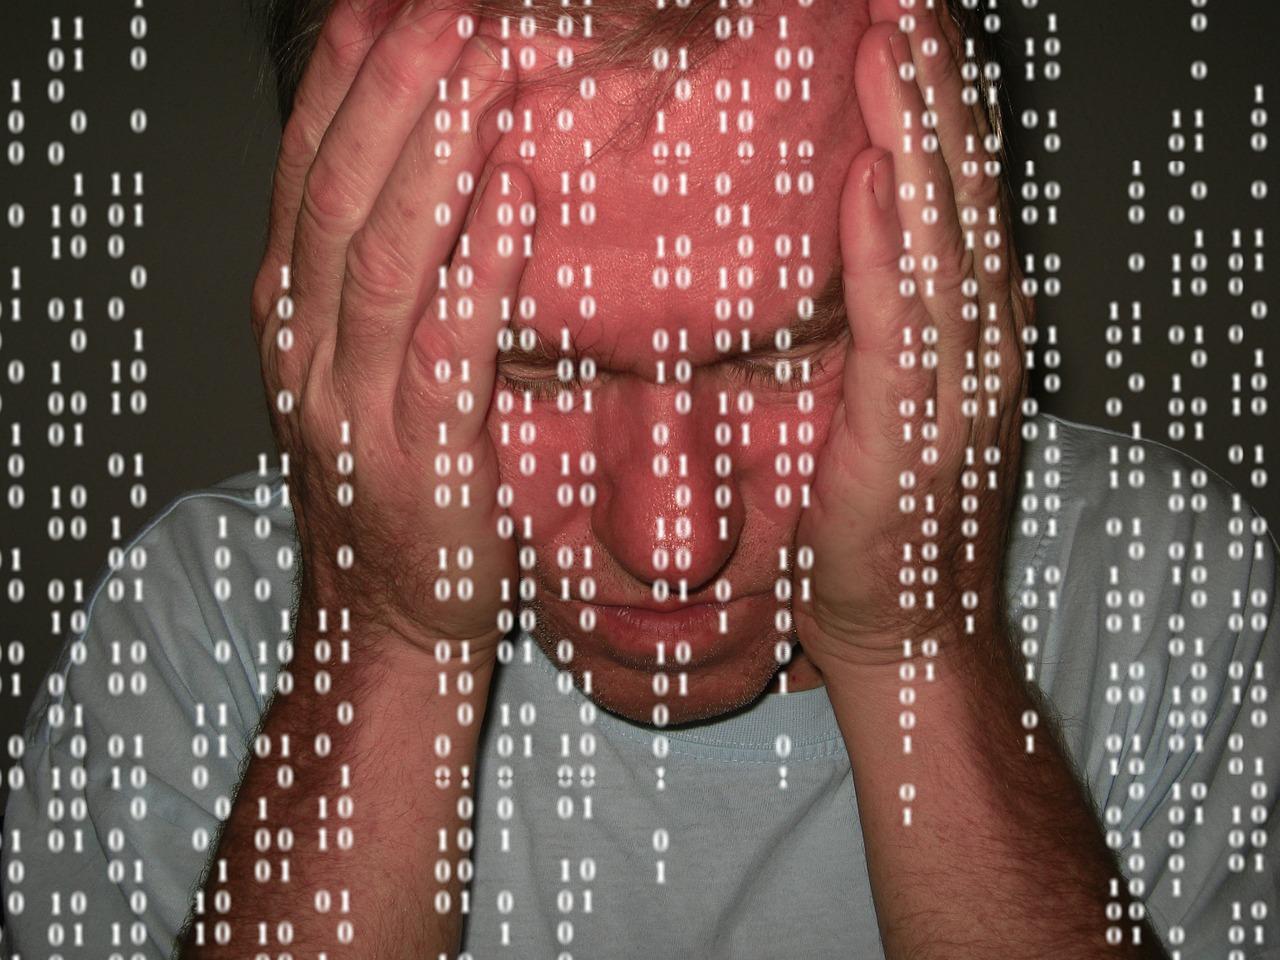 Furto di dati aziendali. Dipendenti infedeli responsabili nel 43% dei casi.